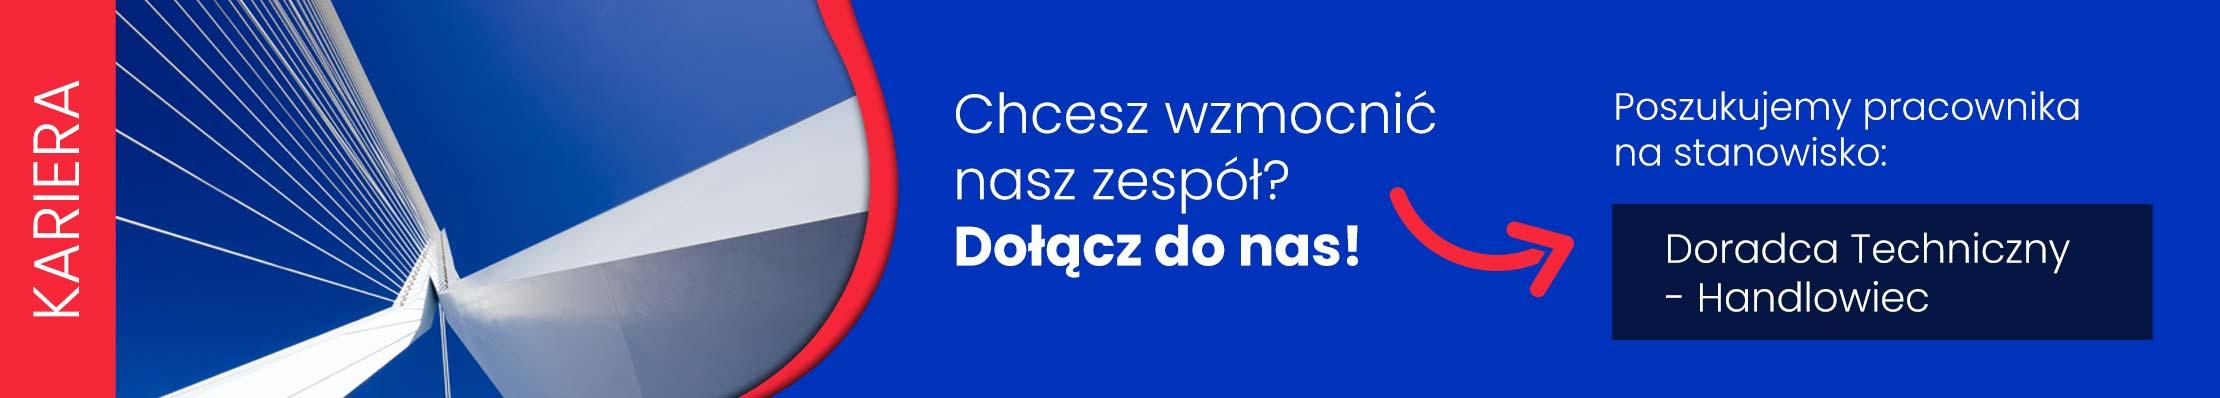 Kariera w MIPA Polska